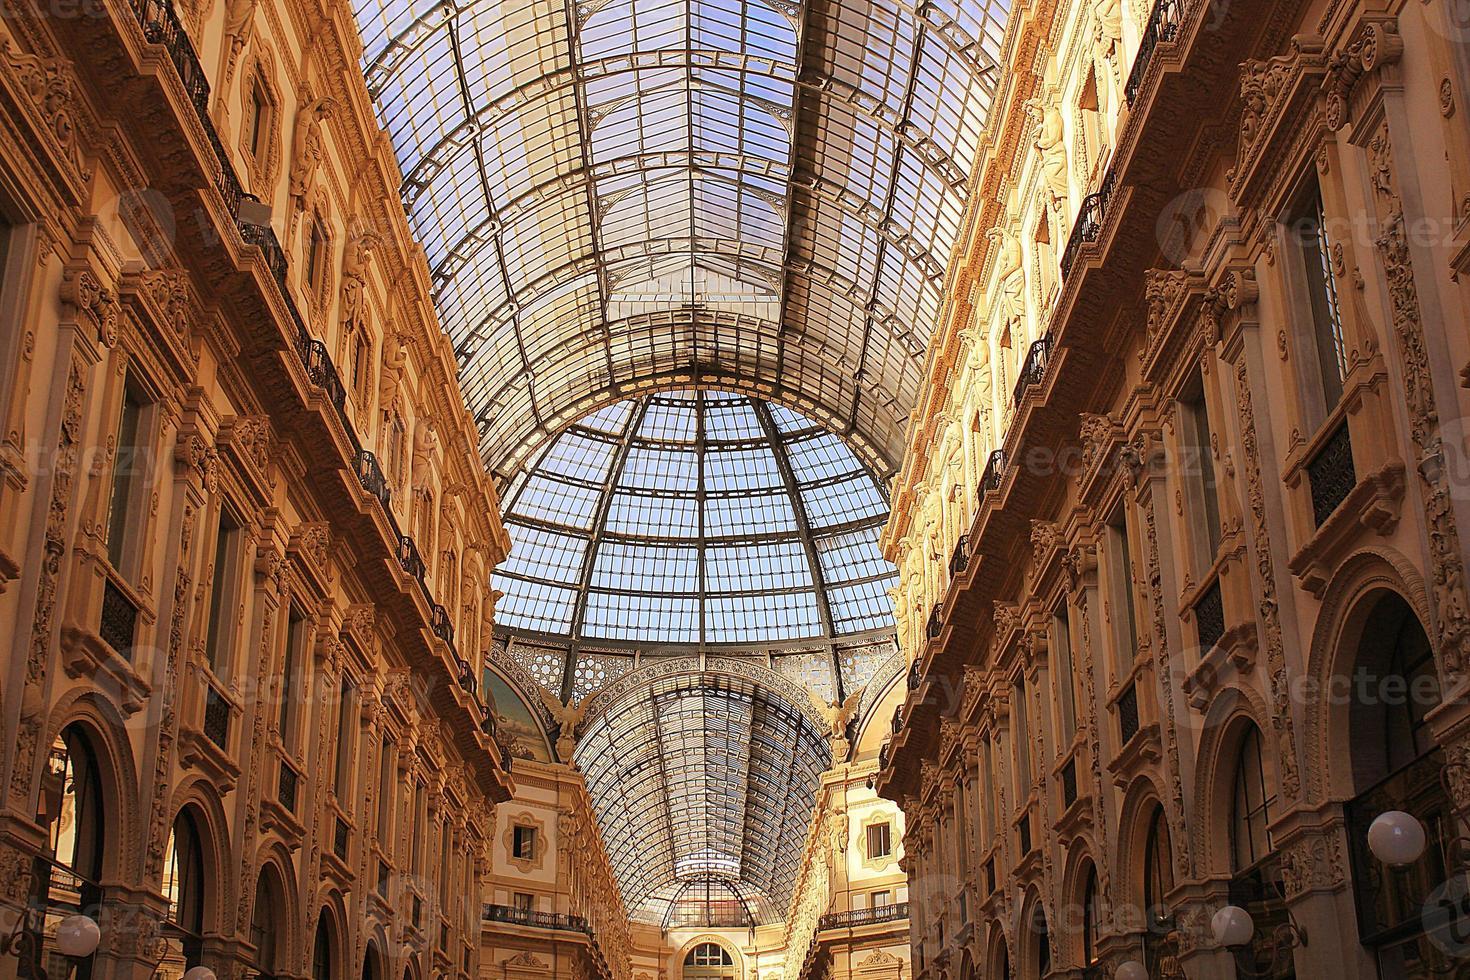 Glasdach von Victor Emanuel Einkaufsgalerie in Mailand. foto